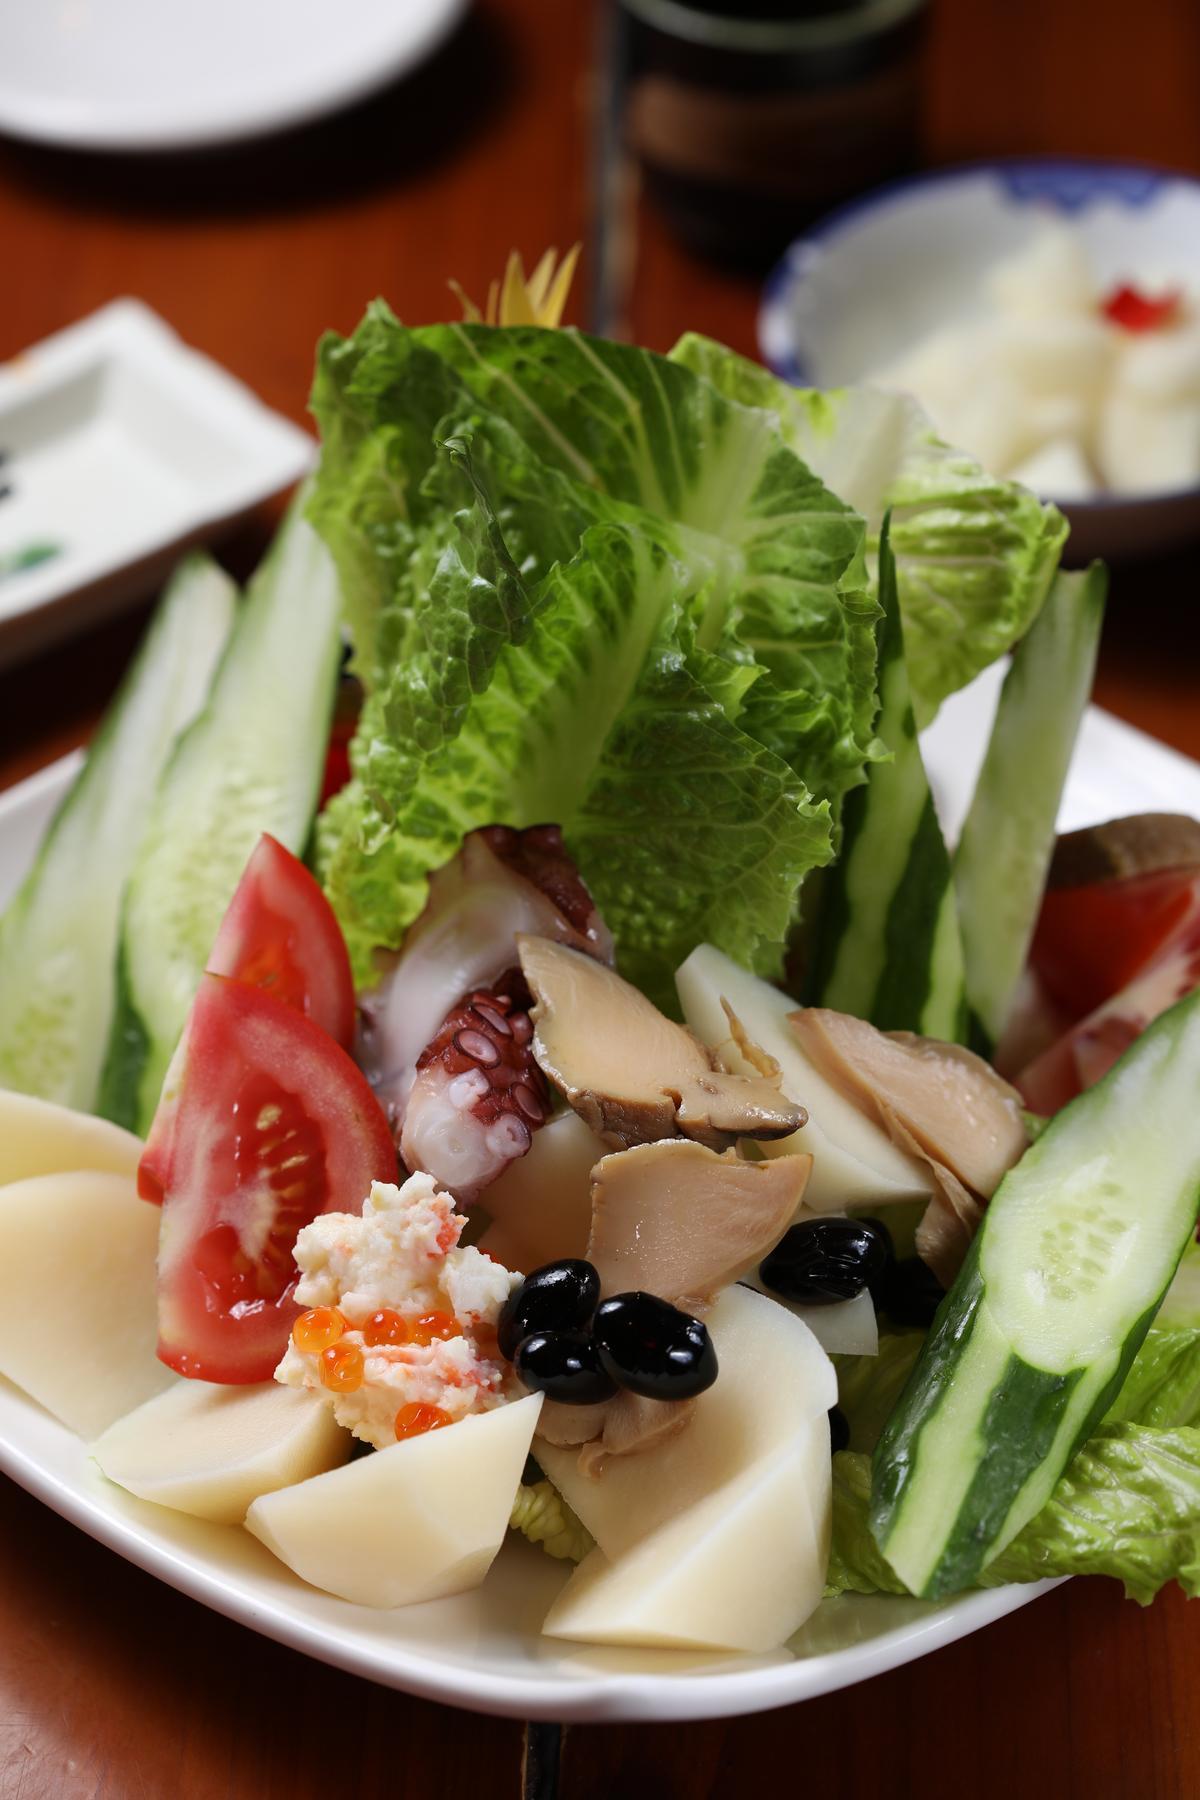 造型立體的「招牌沙拉」共有9種食材,自製滷鮑魚、清燙章魚、馬鈴薯沙拉都好吃,夏天還會加上冷筍。(400元/小份、600元/大份)